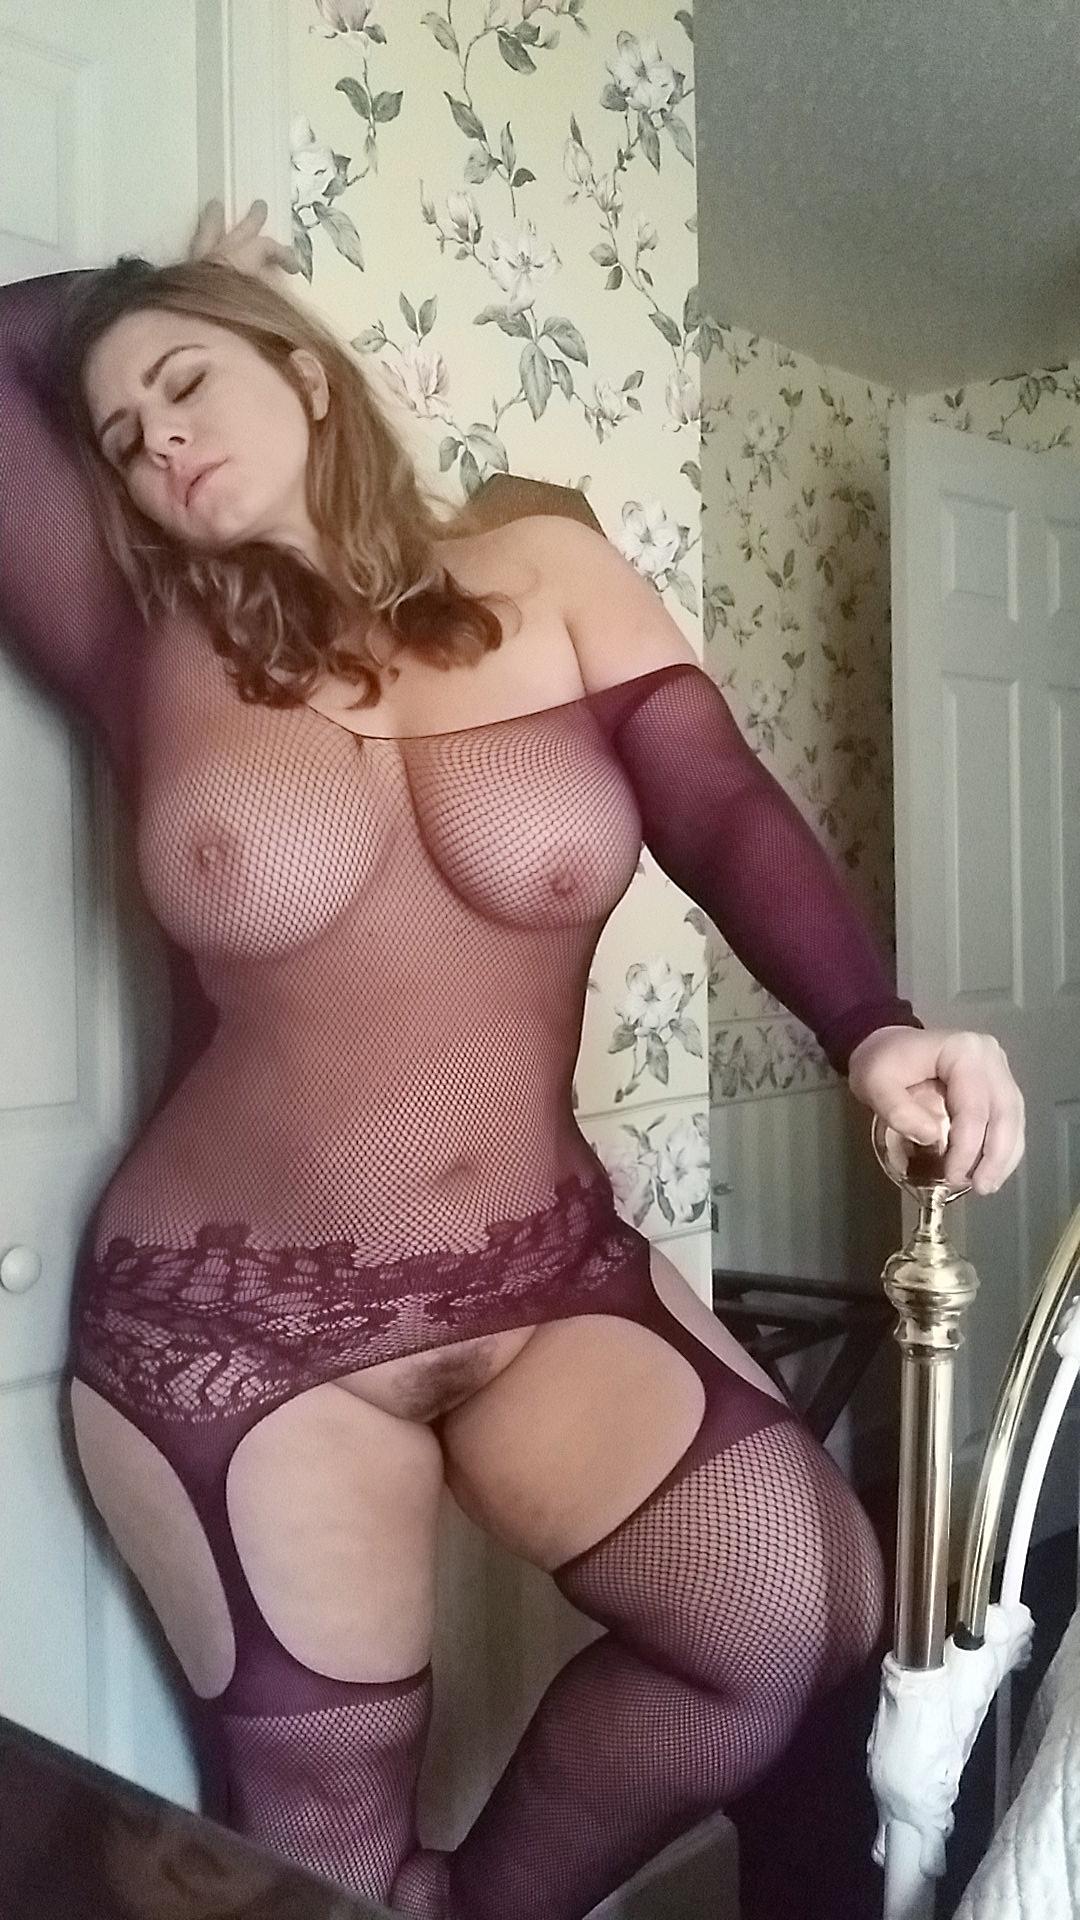 откровенное французское порно